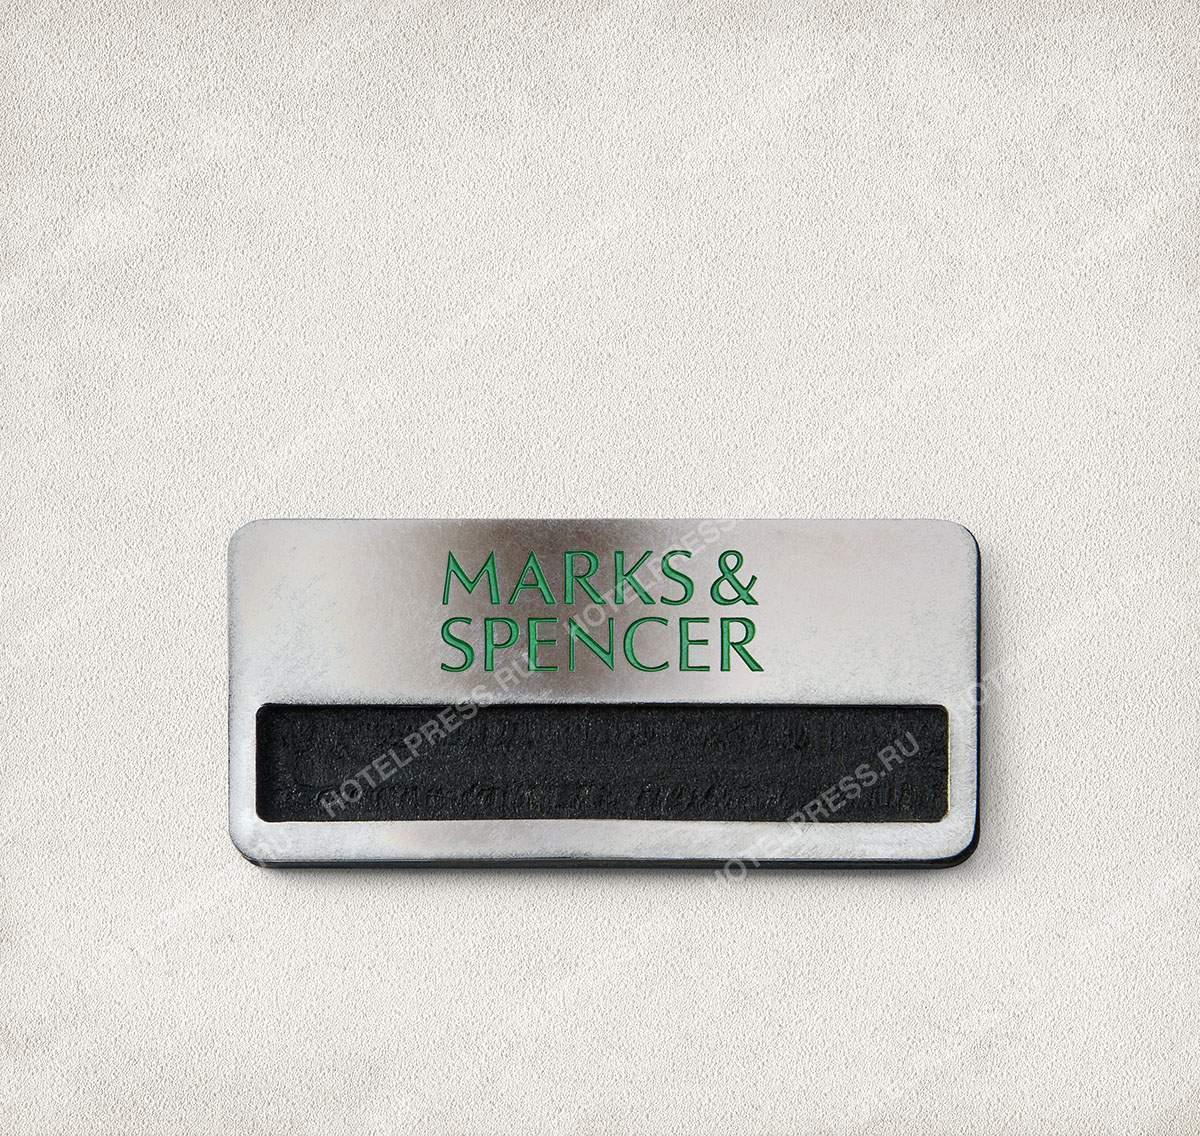 Бейджи из алюминия с гравировкой и эмалью магазина MARKS & SPENCER